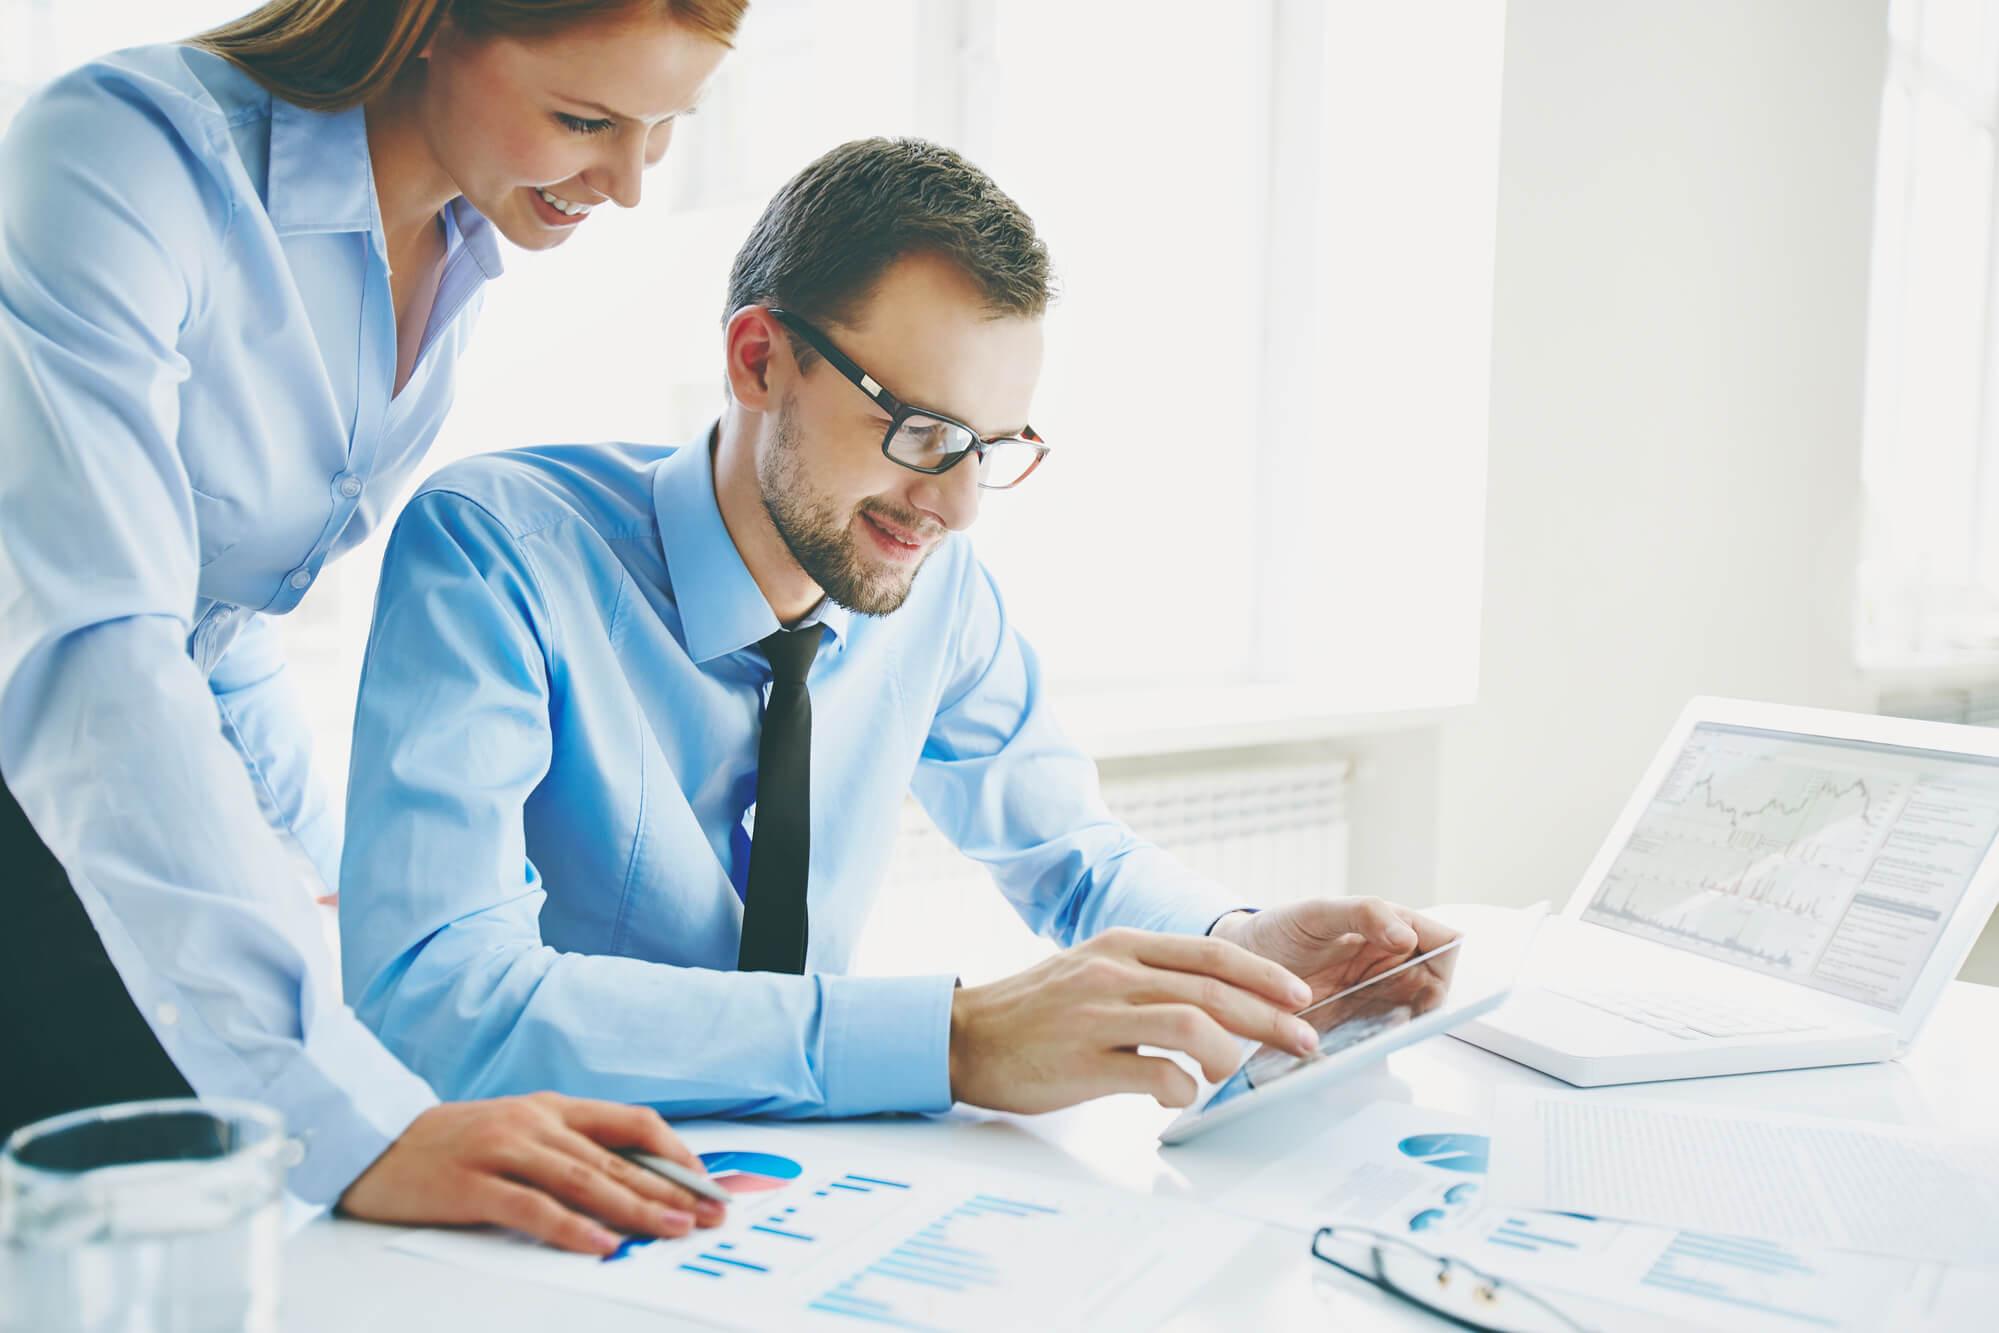 Aprenda como a automação da força de vendas ajuda a otimizar processos